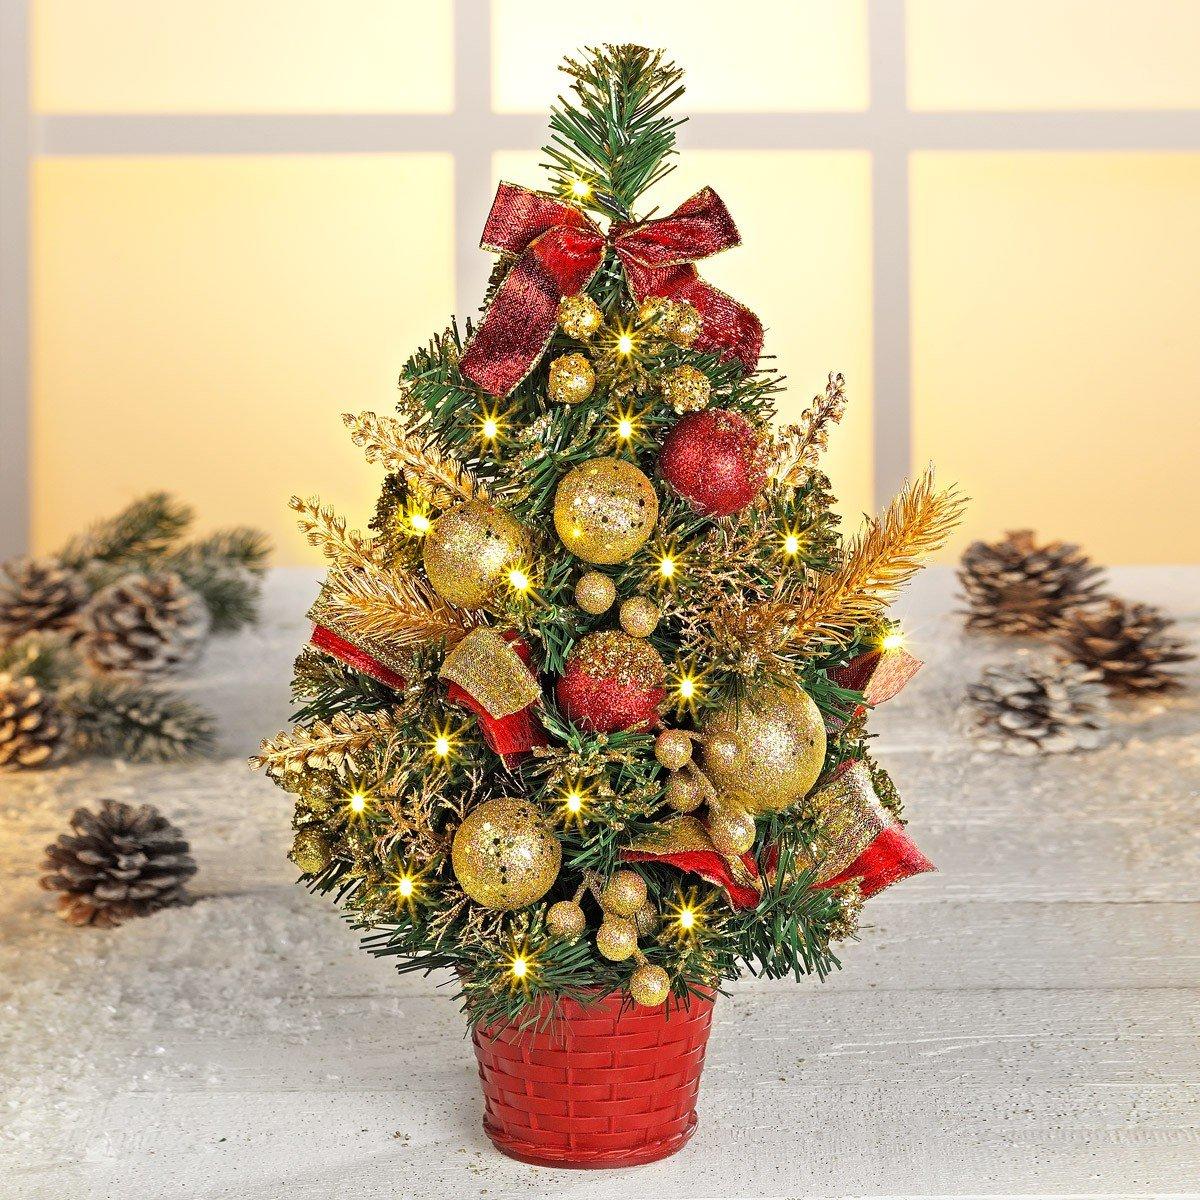 Kerstboompje met leds kopen